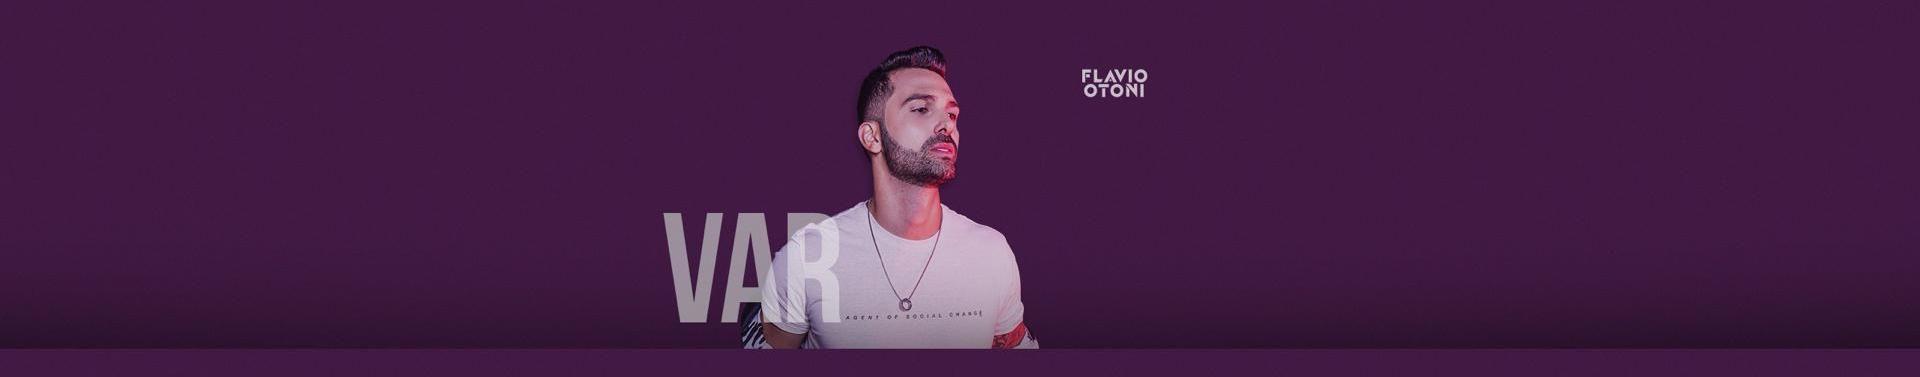 Imagem de capa de Flavio Otoni